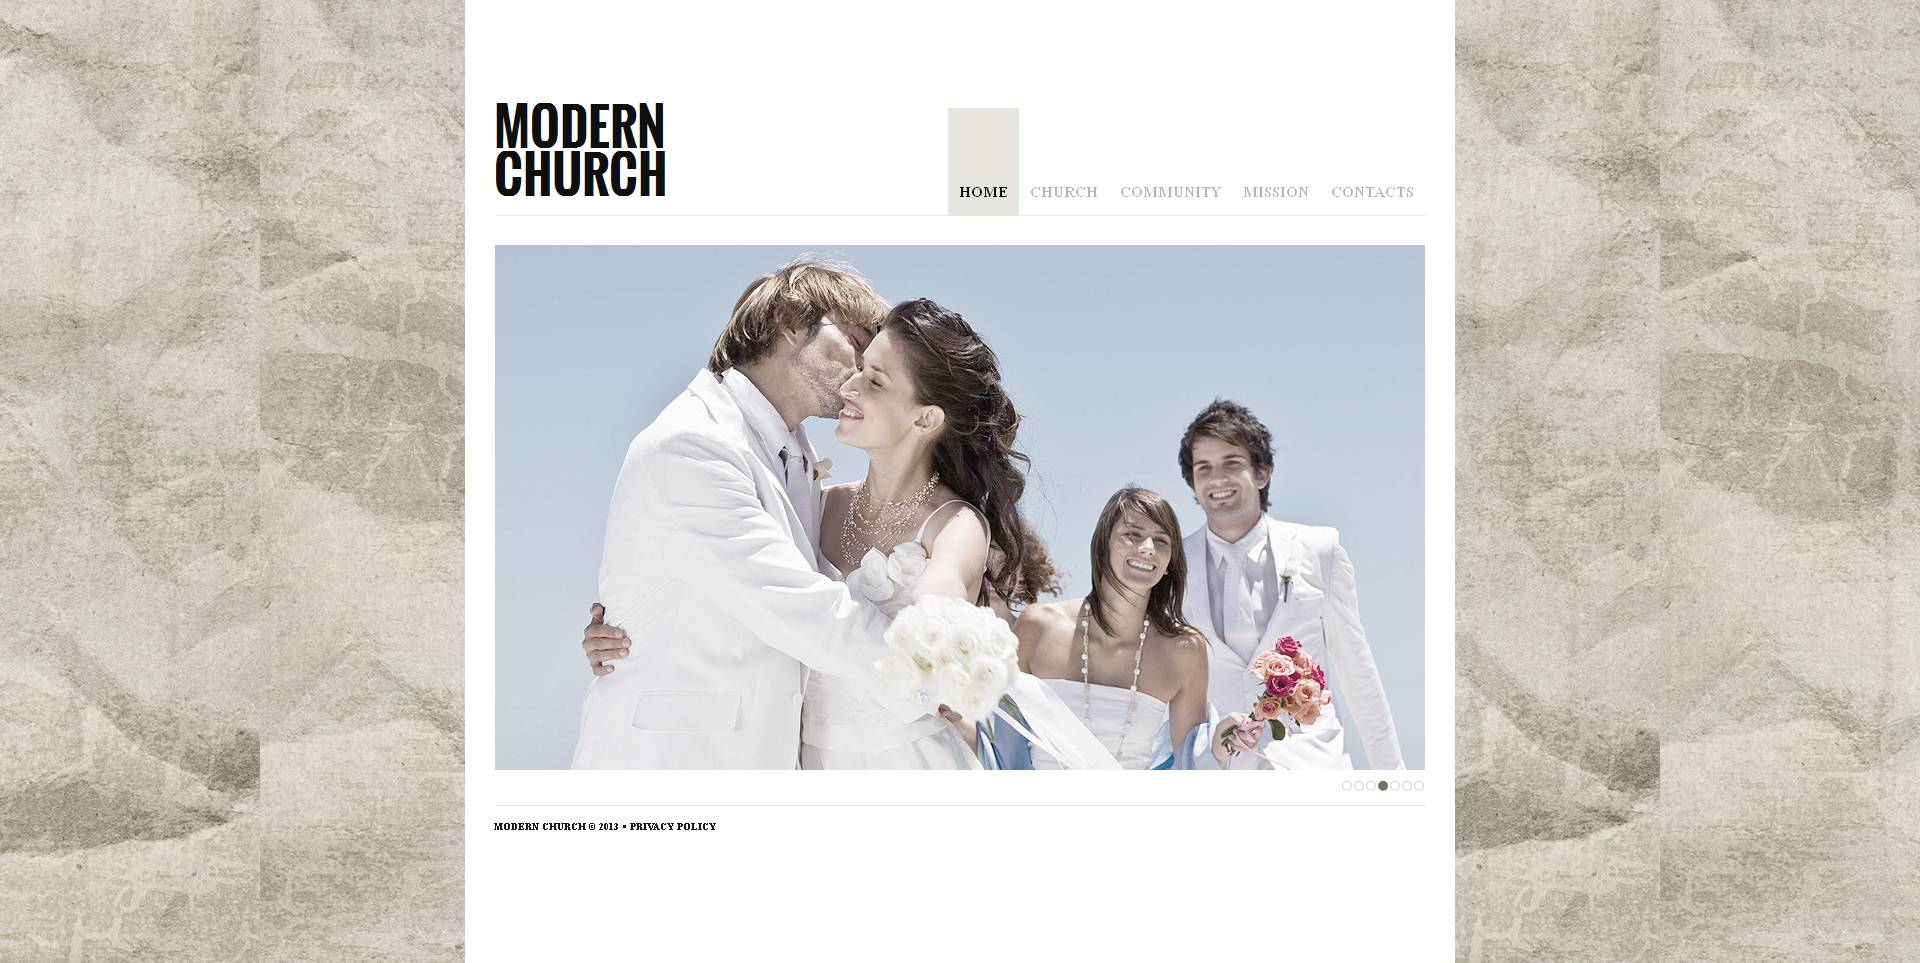 Modèle Moto CMS HTML Premium pour site chrétien #47199